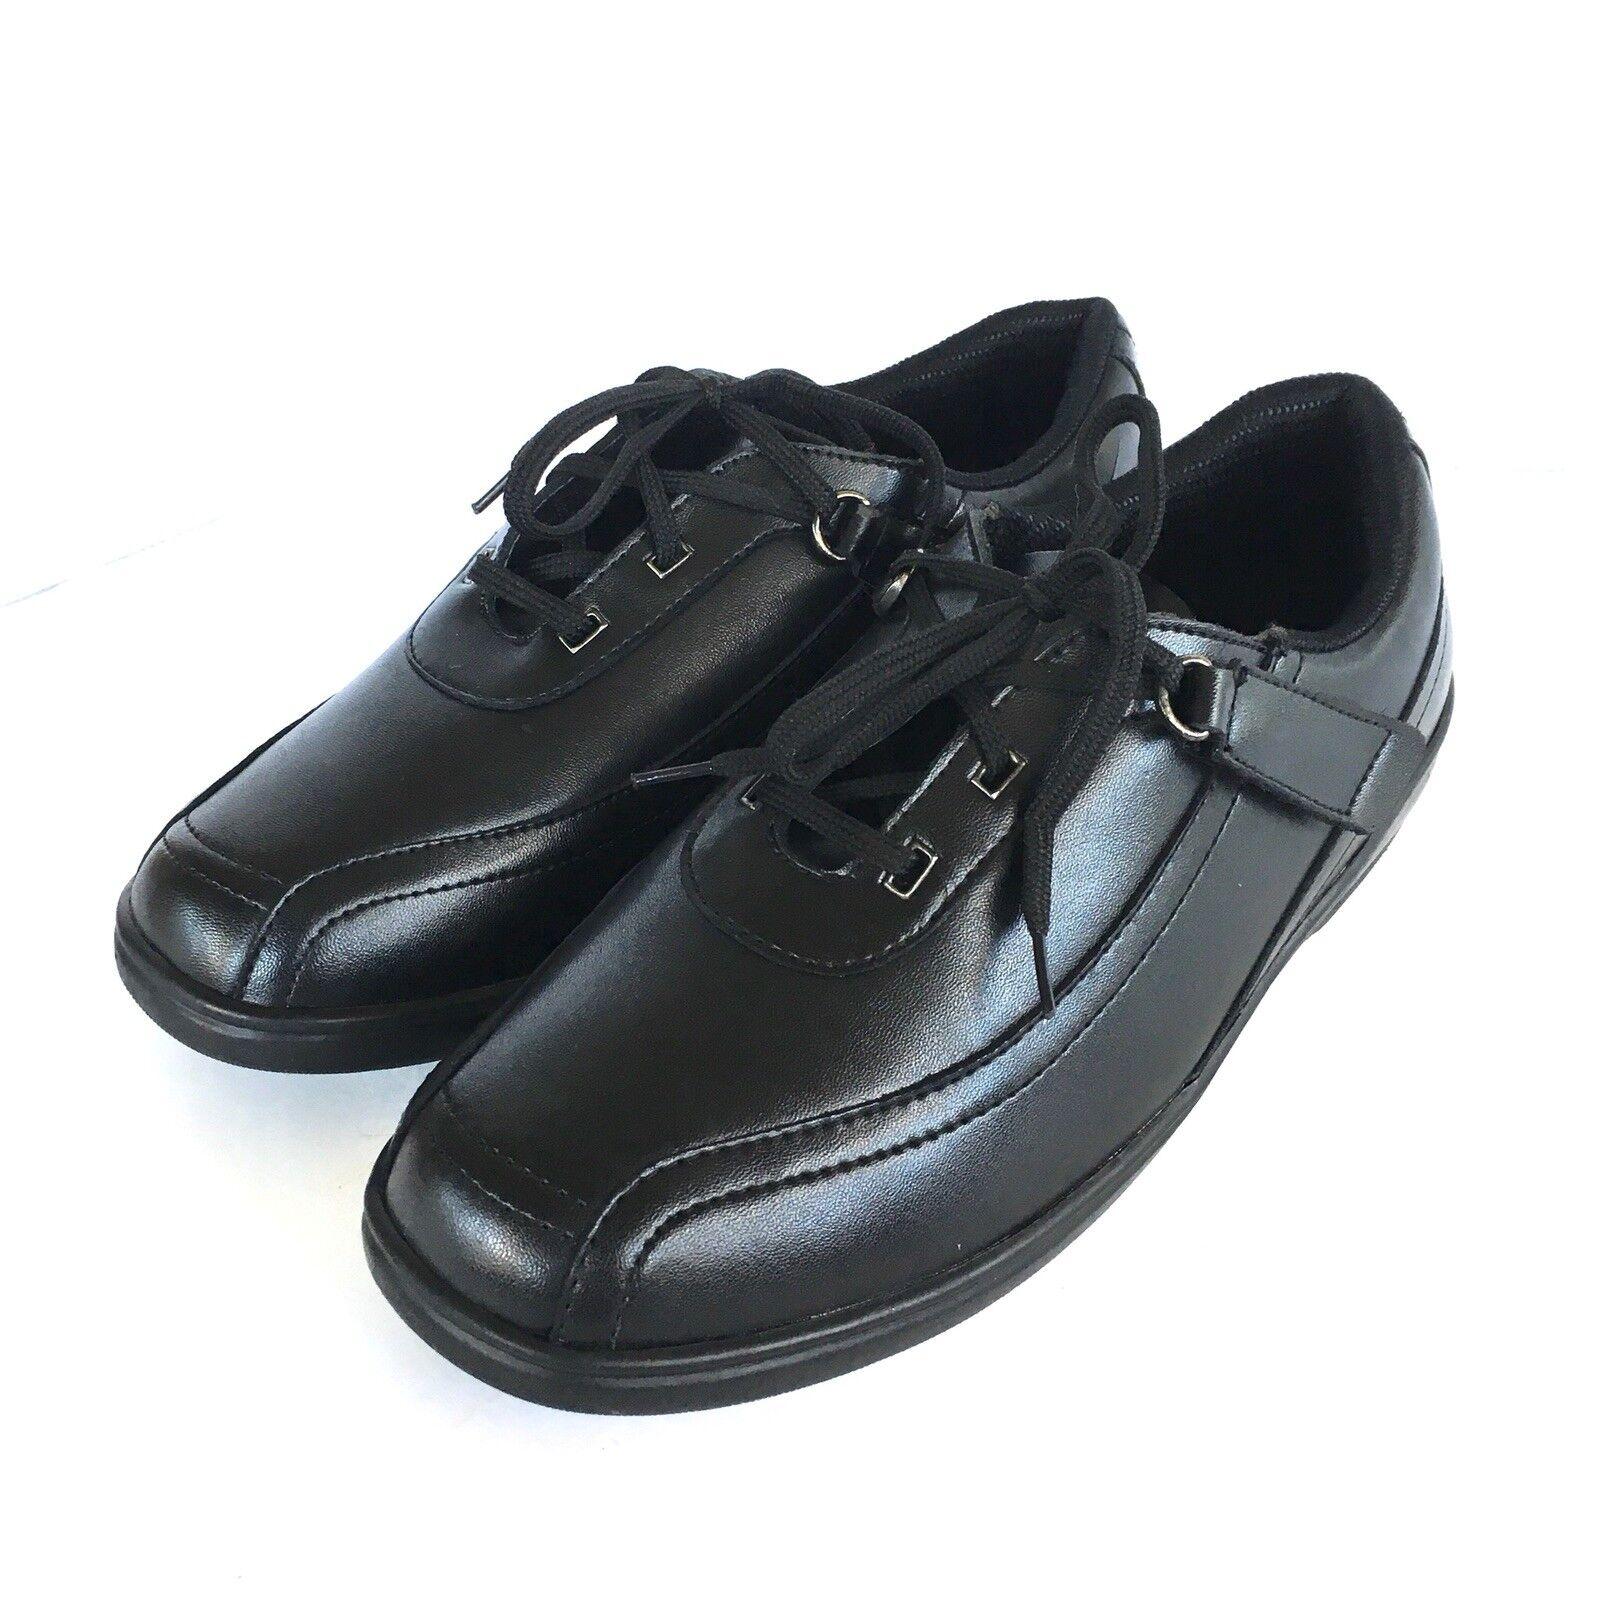 Zapatos De Cuero Med peds peds peds fascitis plantar geriátrica diabéticos EZ de Encaje para Mujer 7.5W  ¡No dudes! ¡Compra ahora!